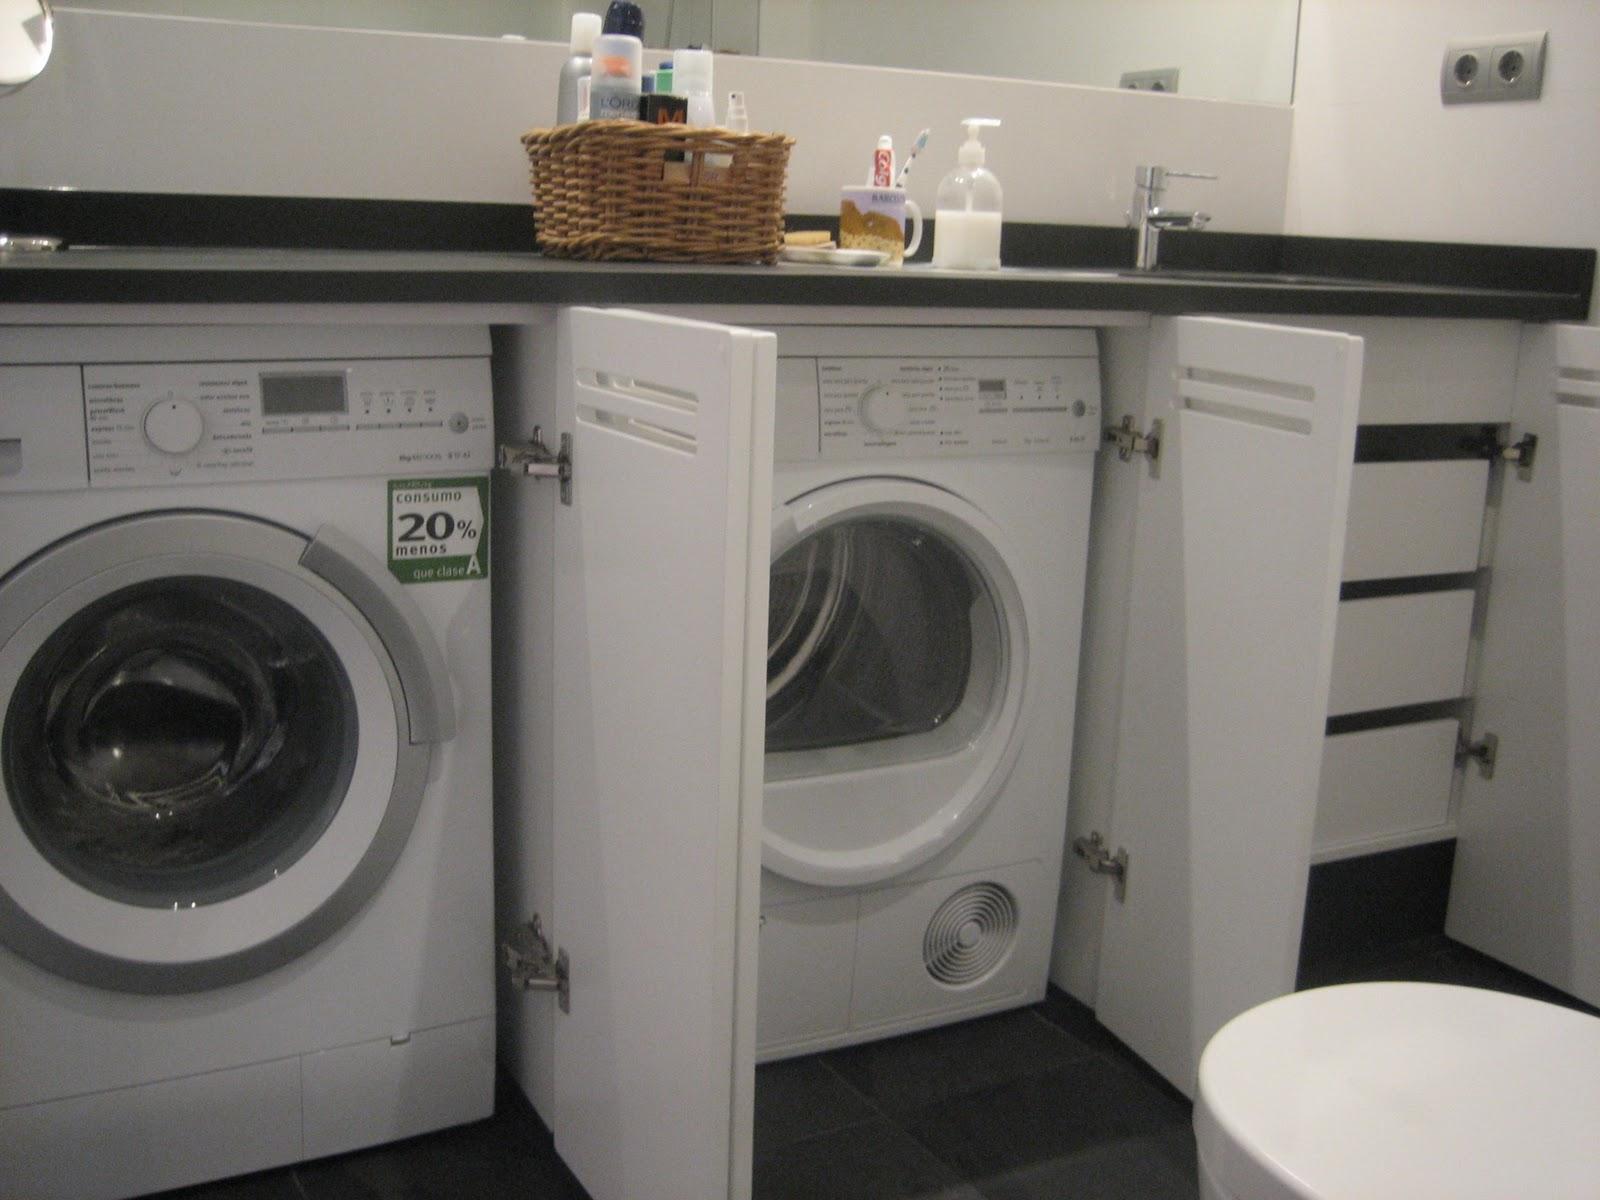 Estudio zep reforma vivienda mmb tibi alicante - Instalar lavadora en bano ...